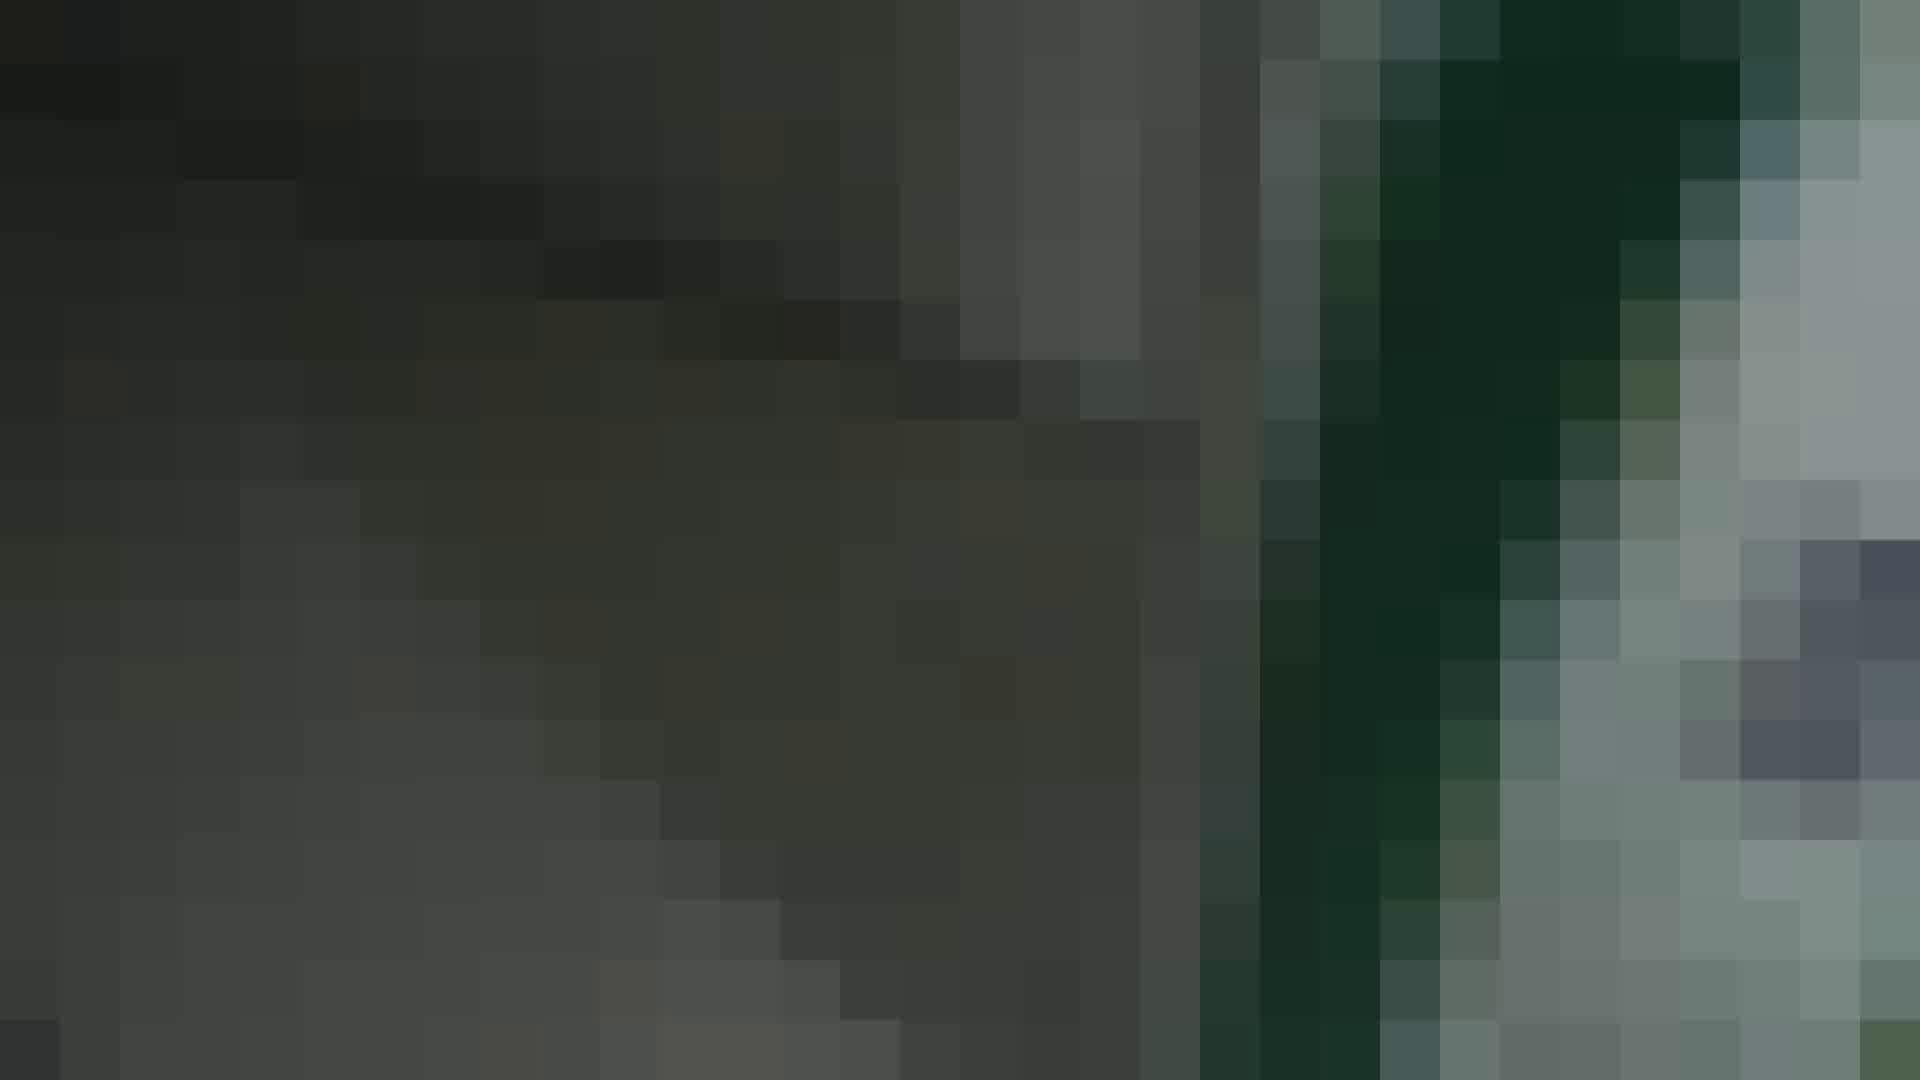 vol.25三十時間潜り、一つしか出会えない完璧桃尻編 byお銀 いやらしいOL のぞき動画キャプチャ 96連発 10